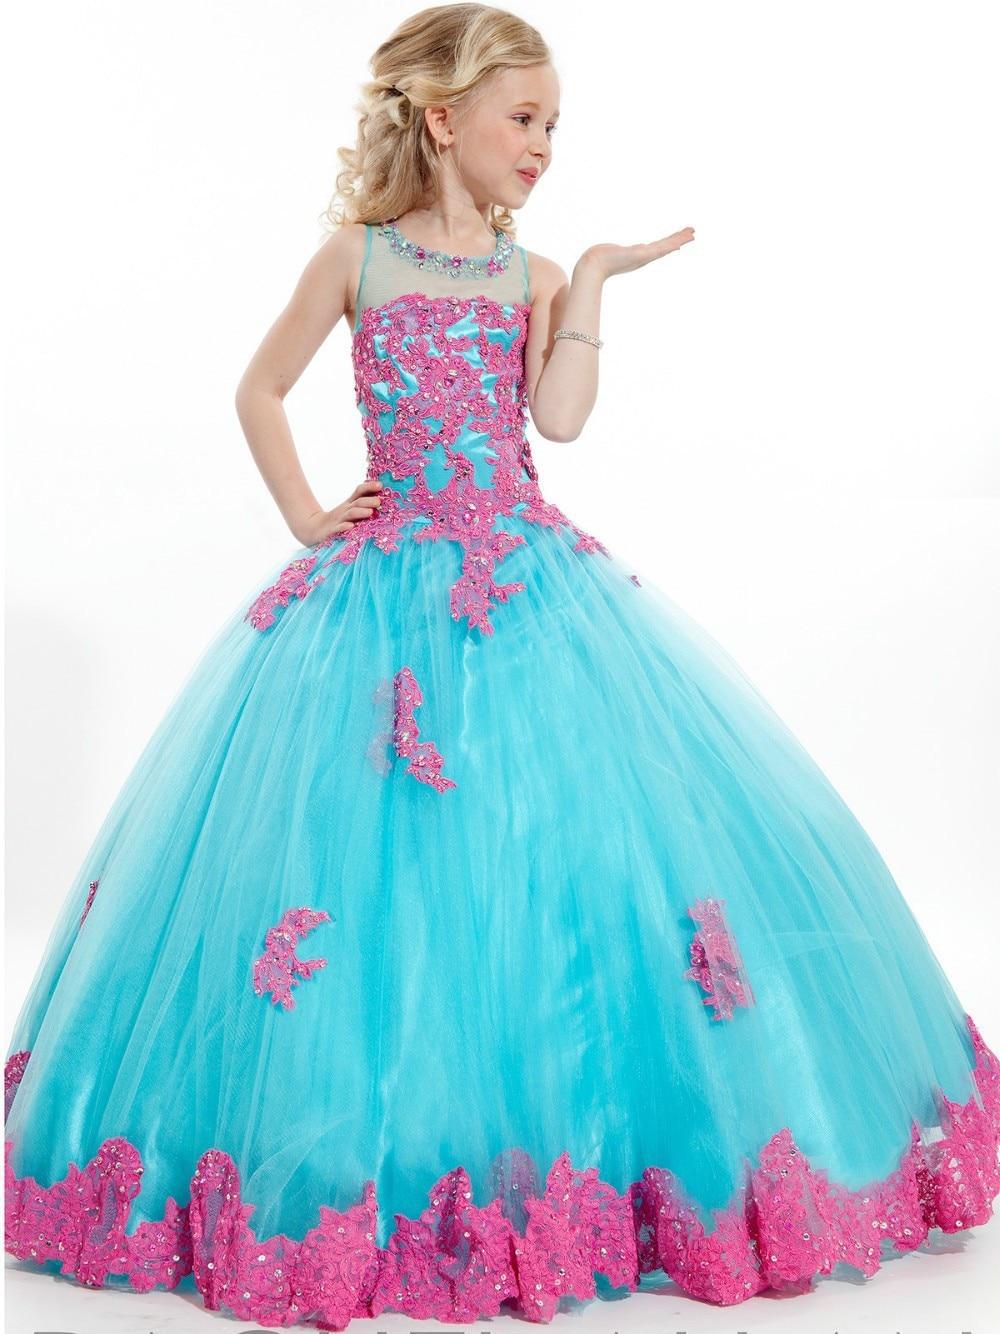 Online Get Cheap Dresses for Girls Size 12 -Aliexpress.com ...